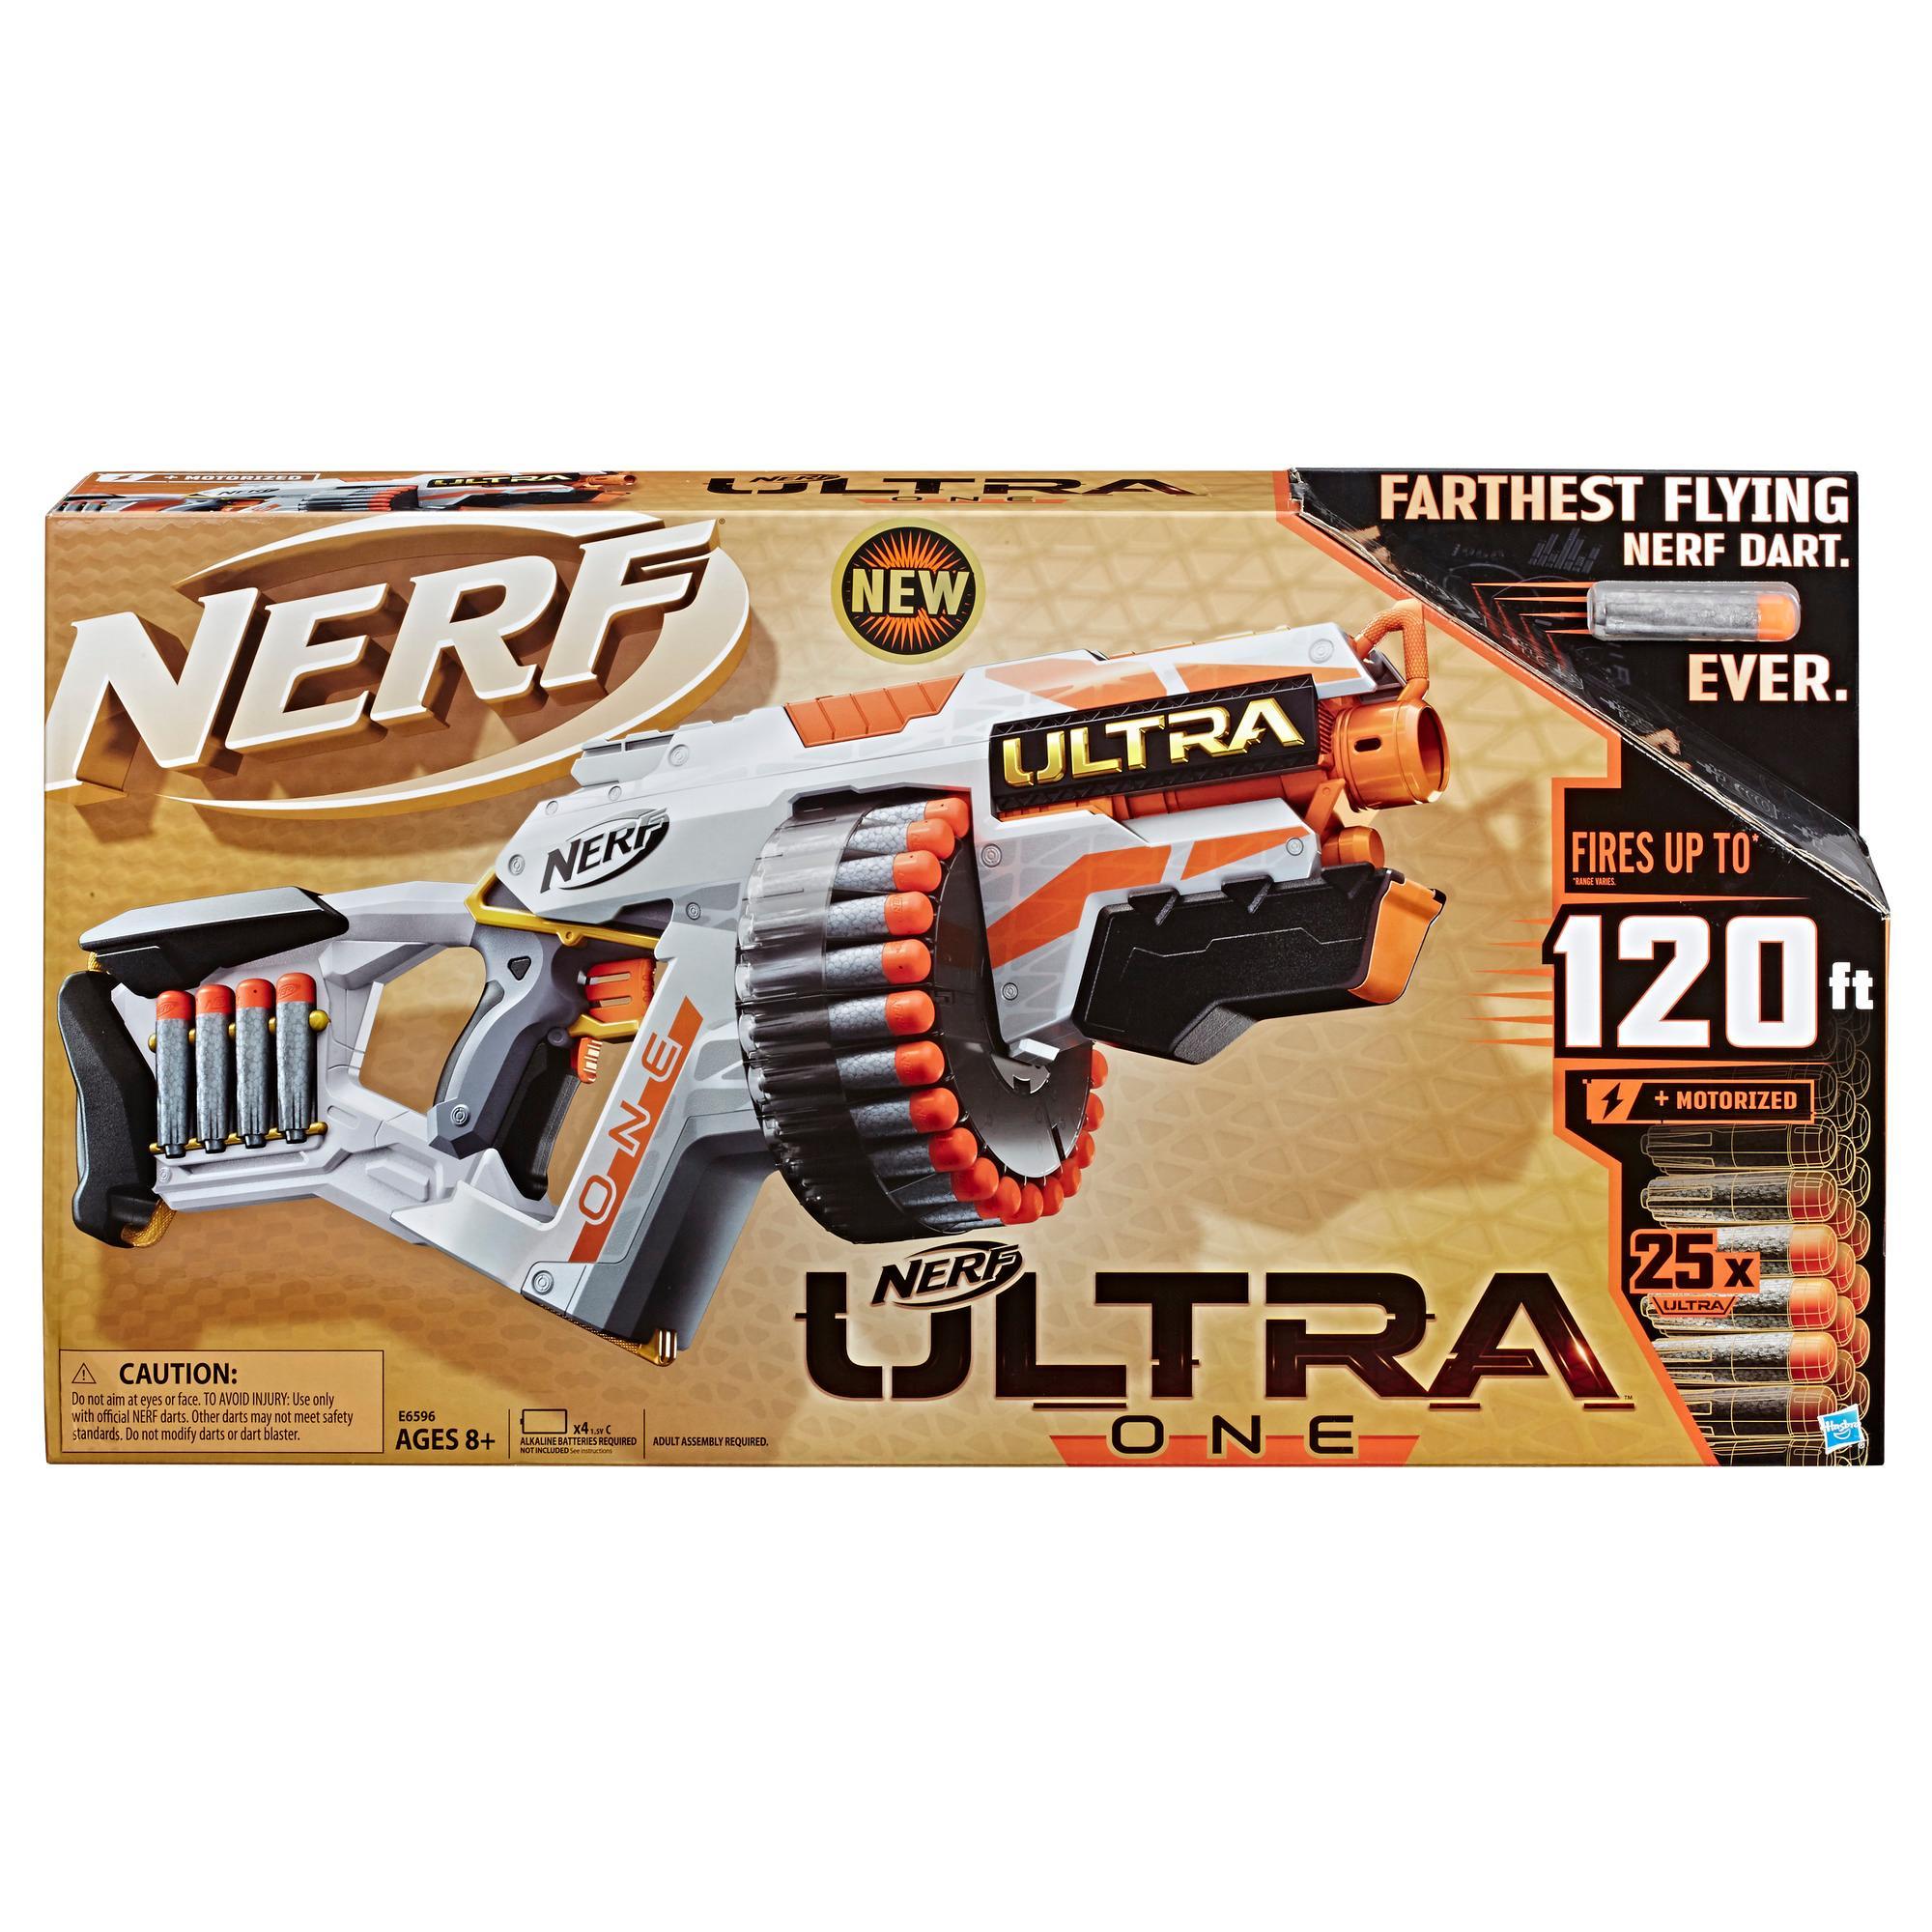 Motorisert Nerf Ultra One-blaster -- 25 Nerf Ultra-piler -- Bare kompatibel med Nerf Ultra One-piler